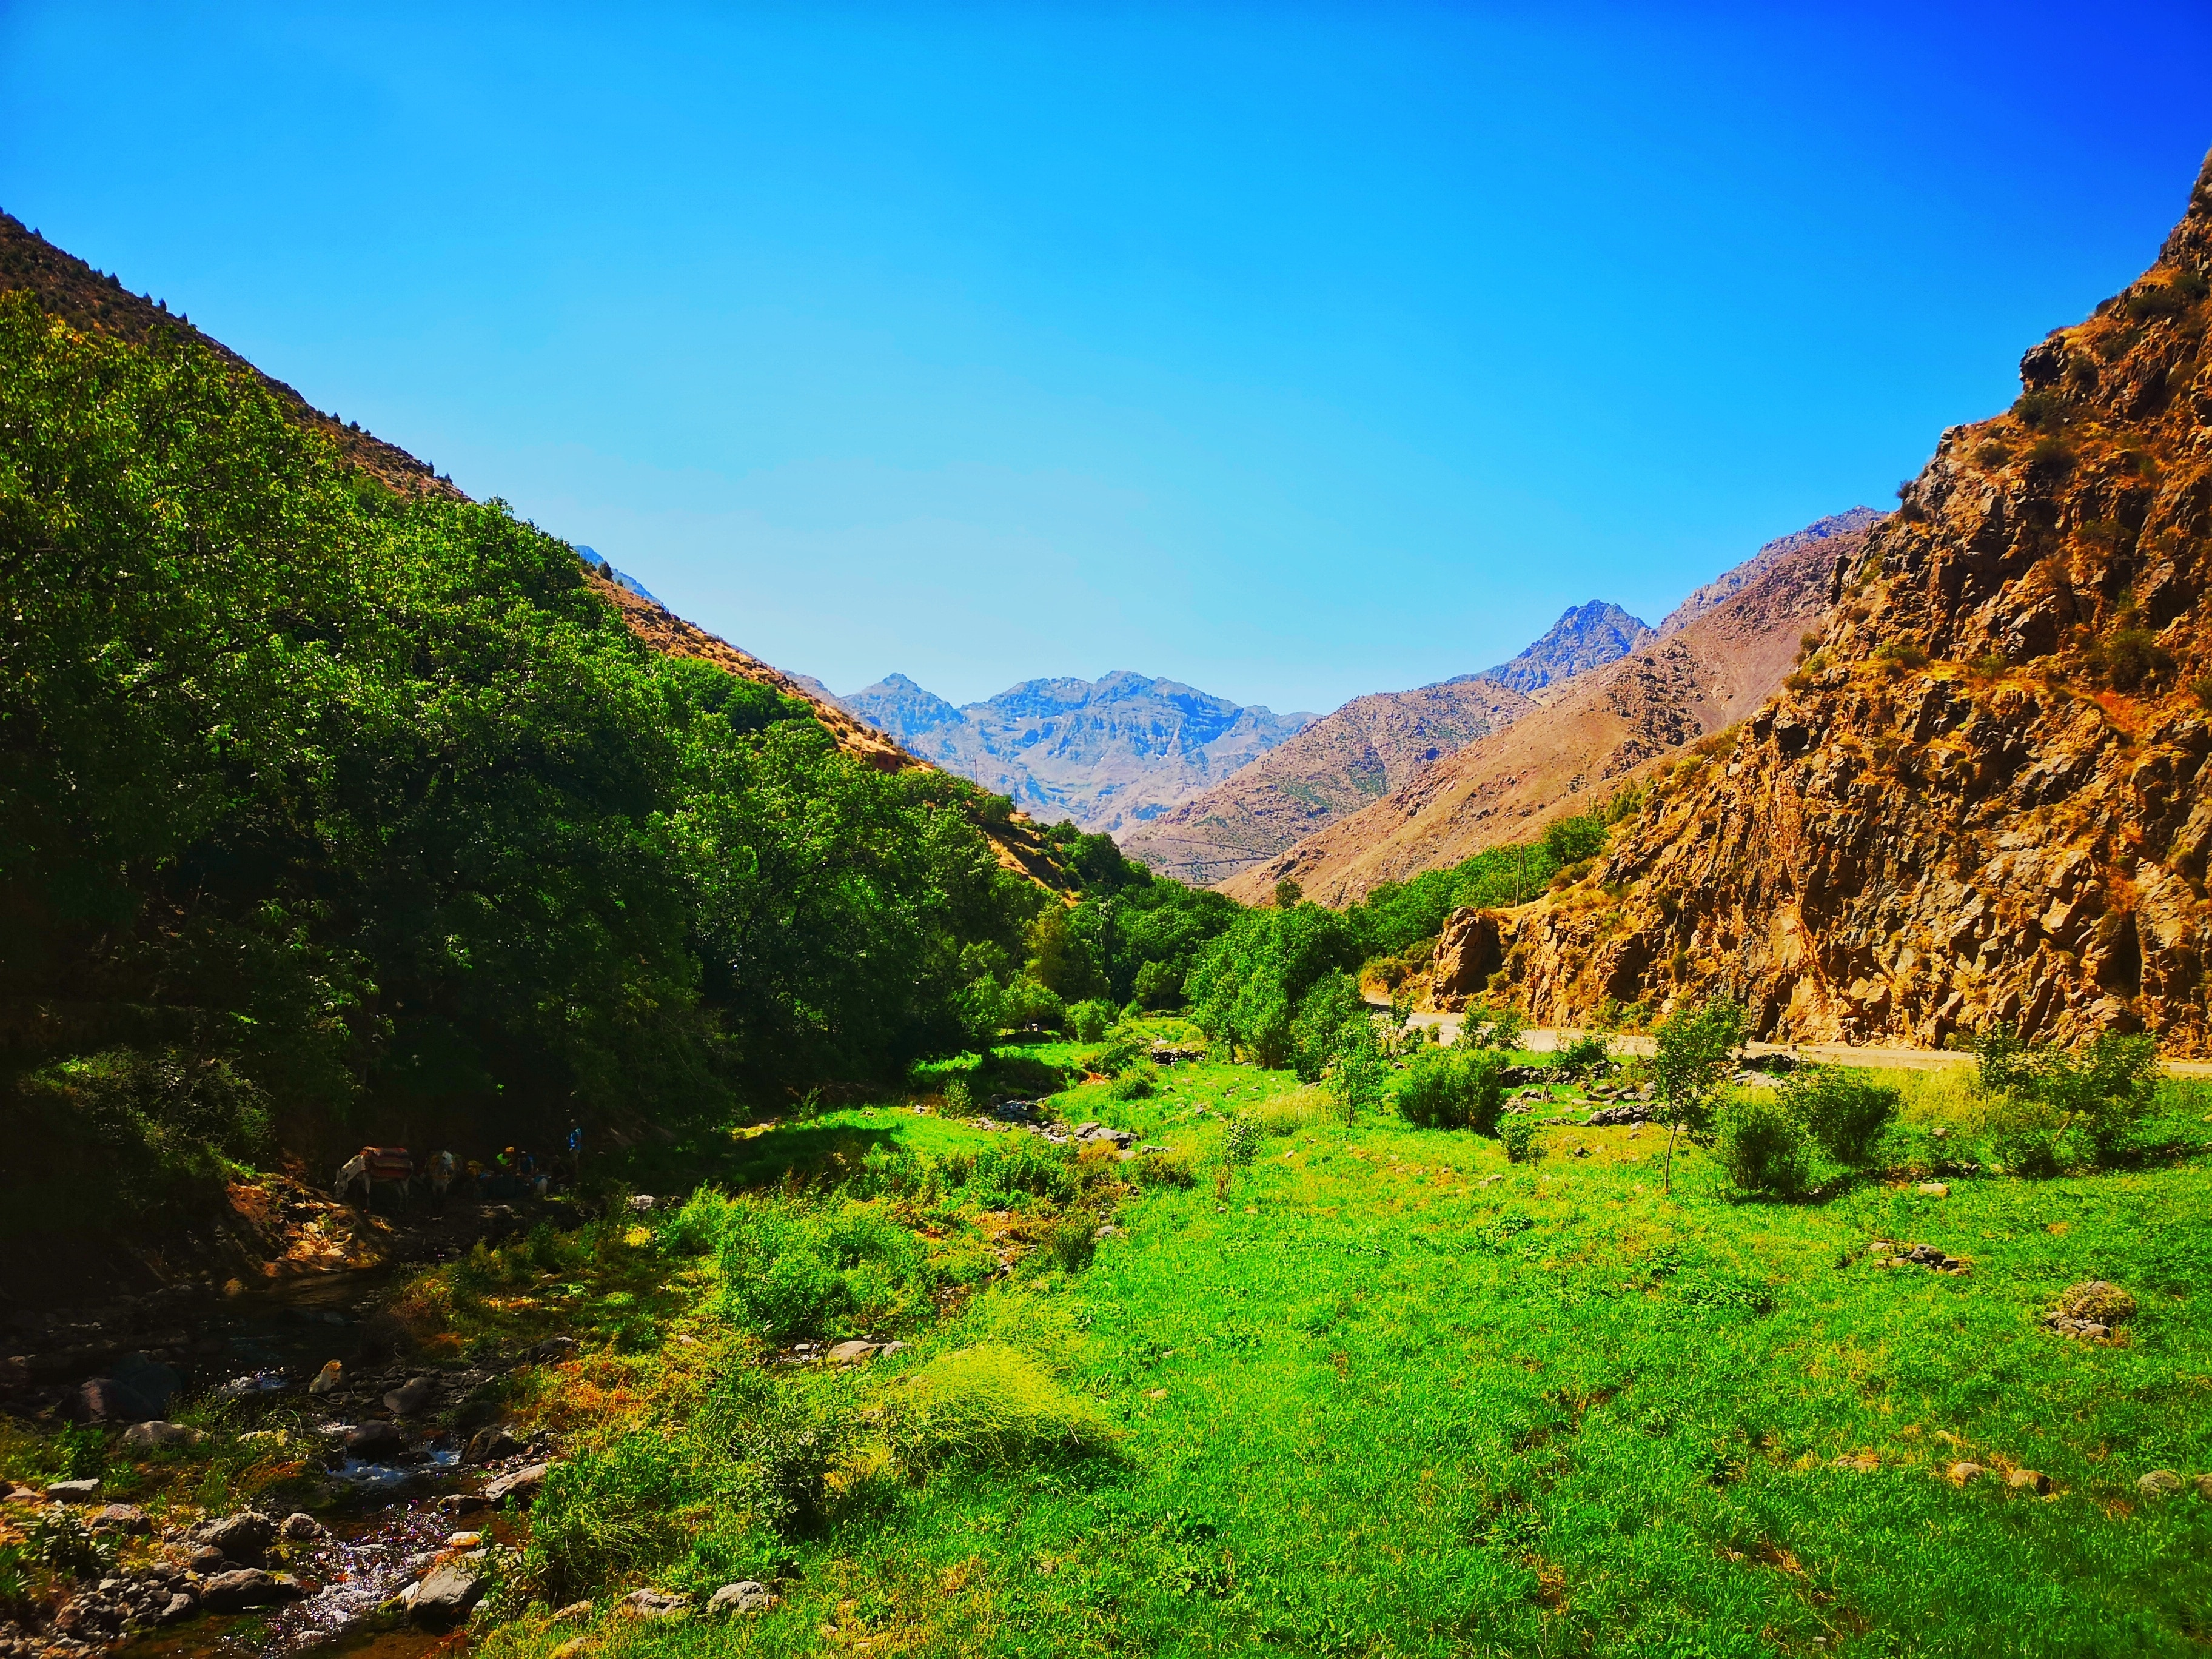 Toubkal National Park, Marrakech-Safi, Morocco